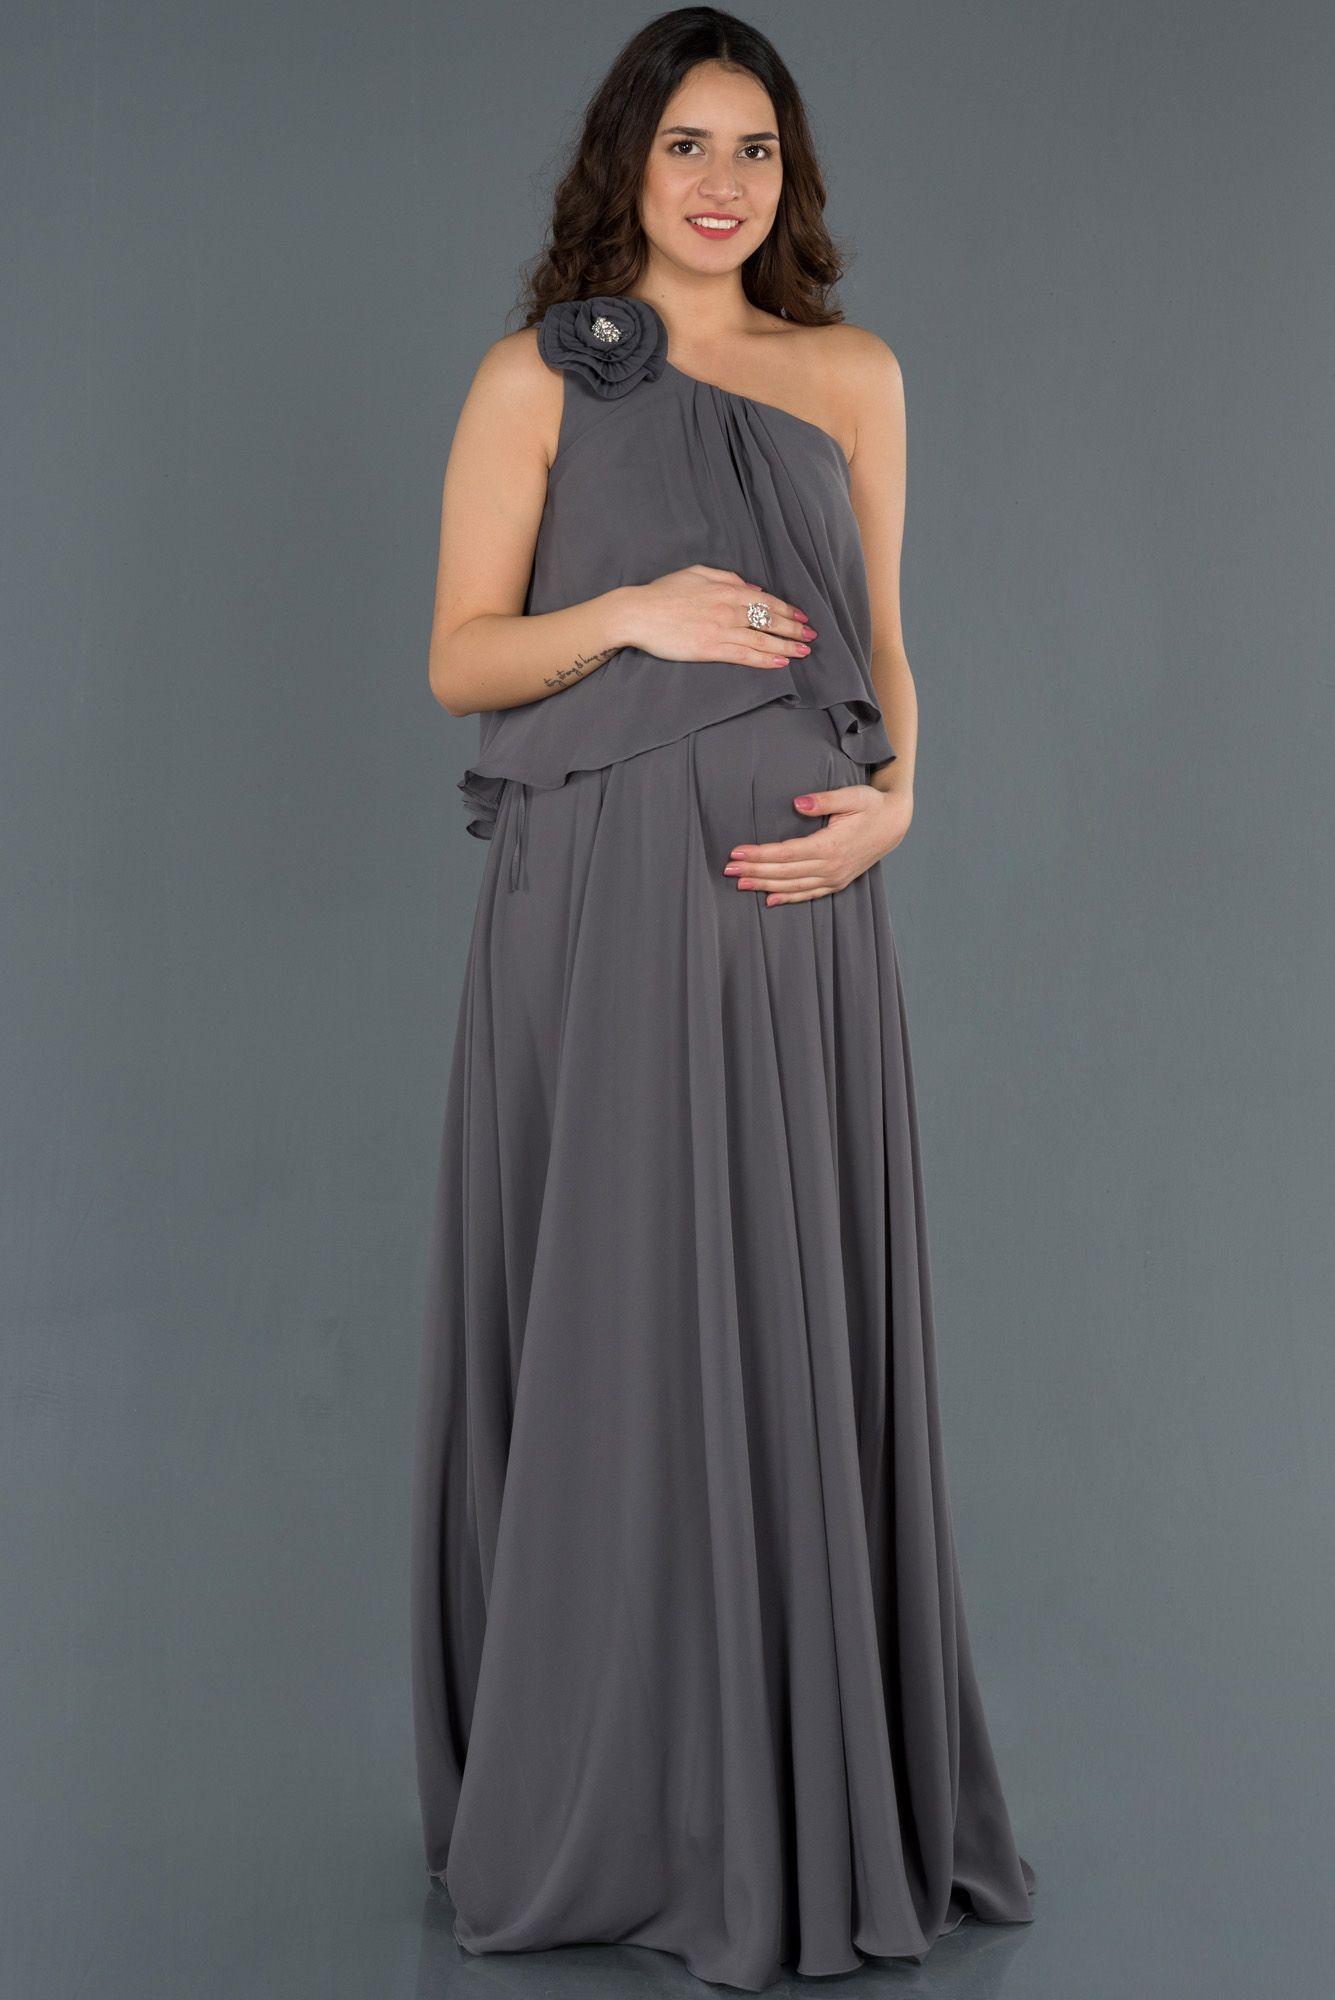 Antrasit Uzun Tek Omuz Hamile Abiye Abu754 2020 Elbise Modelleri Elbise Mini Elbise